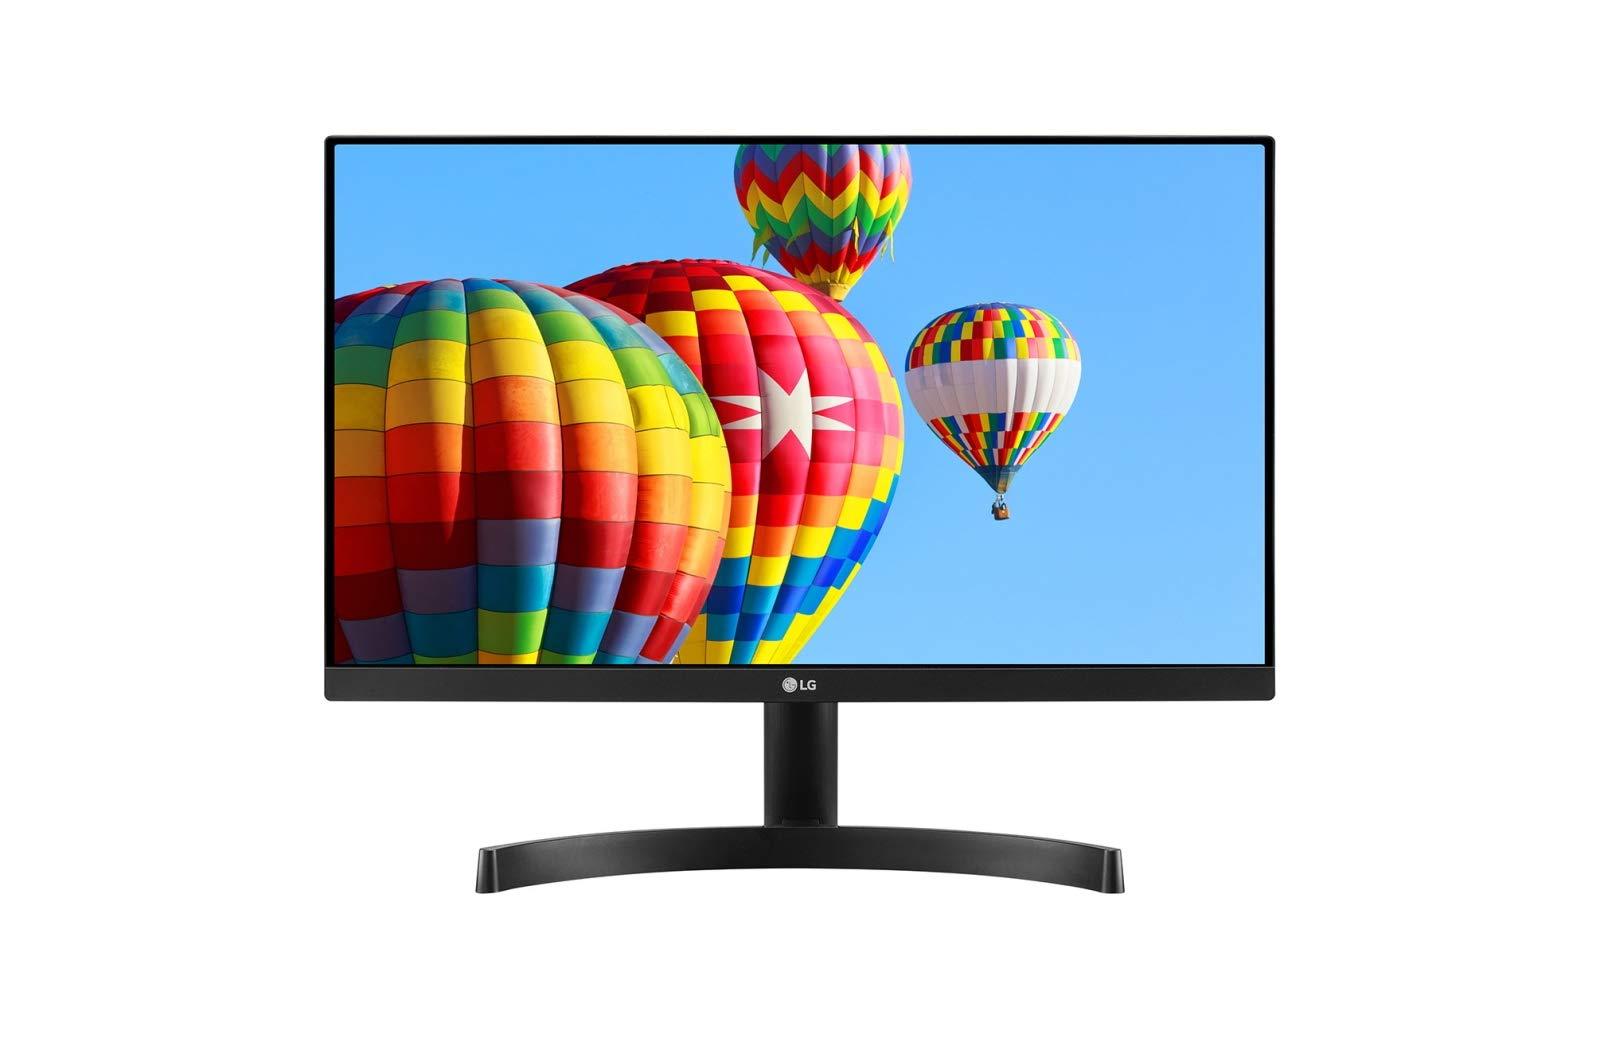 LG 22MK600M 22 inch IPS Monitor (1920 x 1080), VGA, HDMI - £89.98 @ Amazon